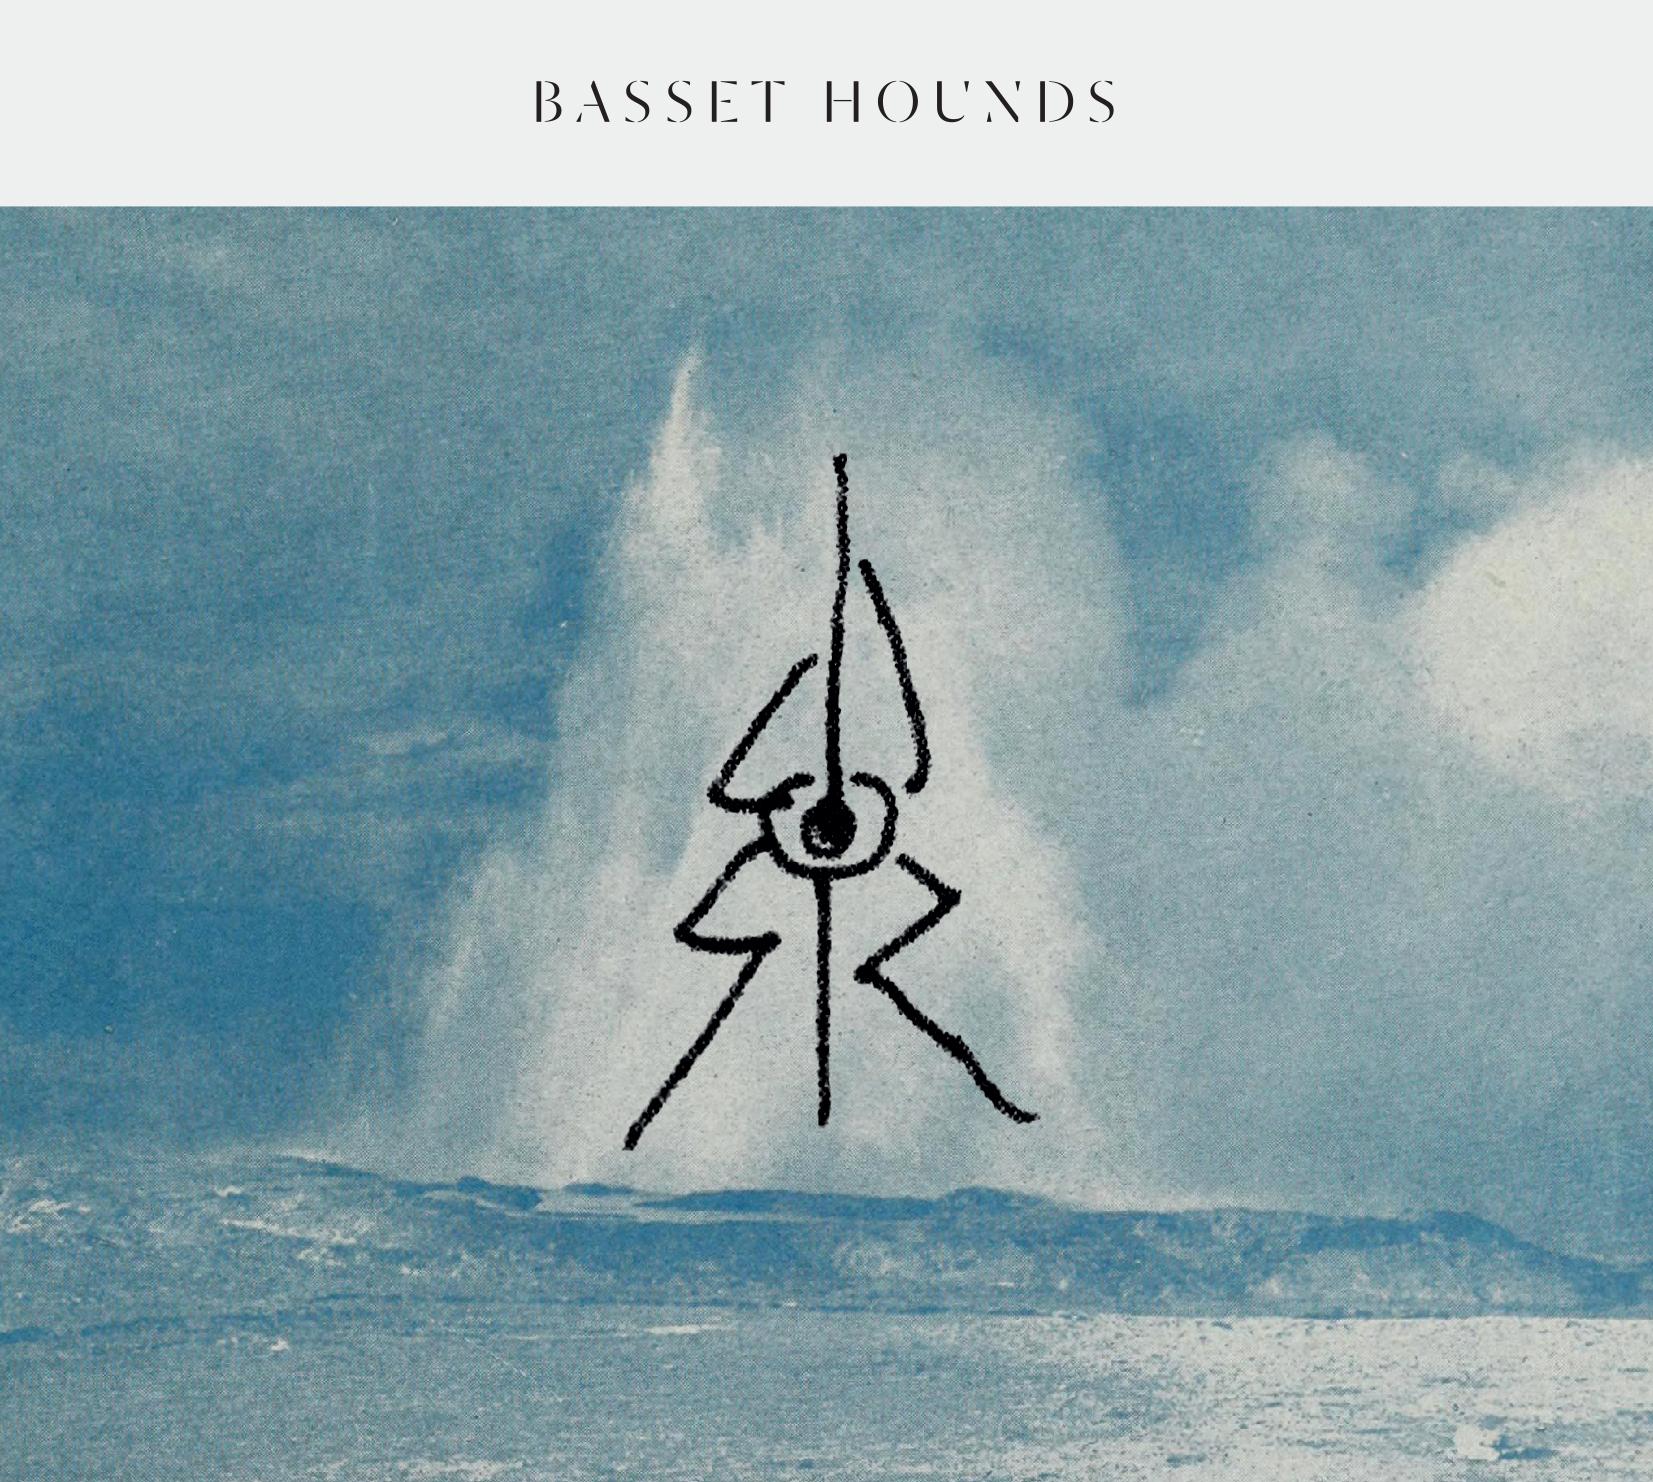 Basset Hounds - Basset Hounds